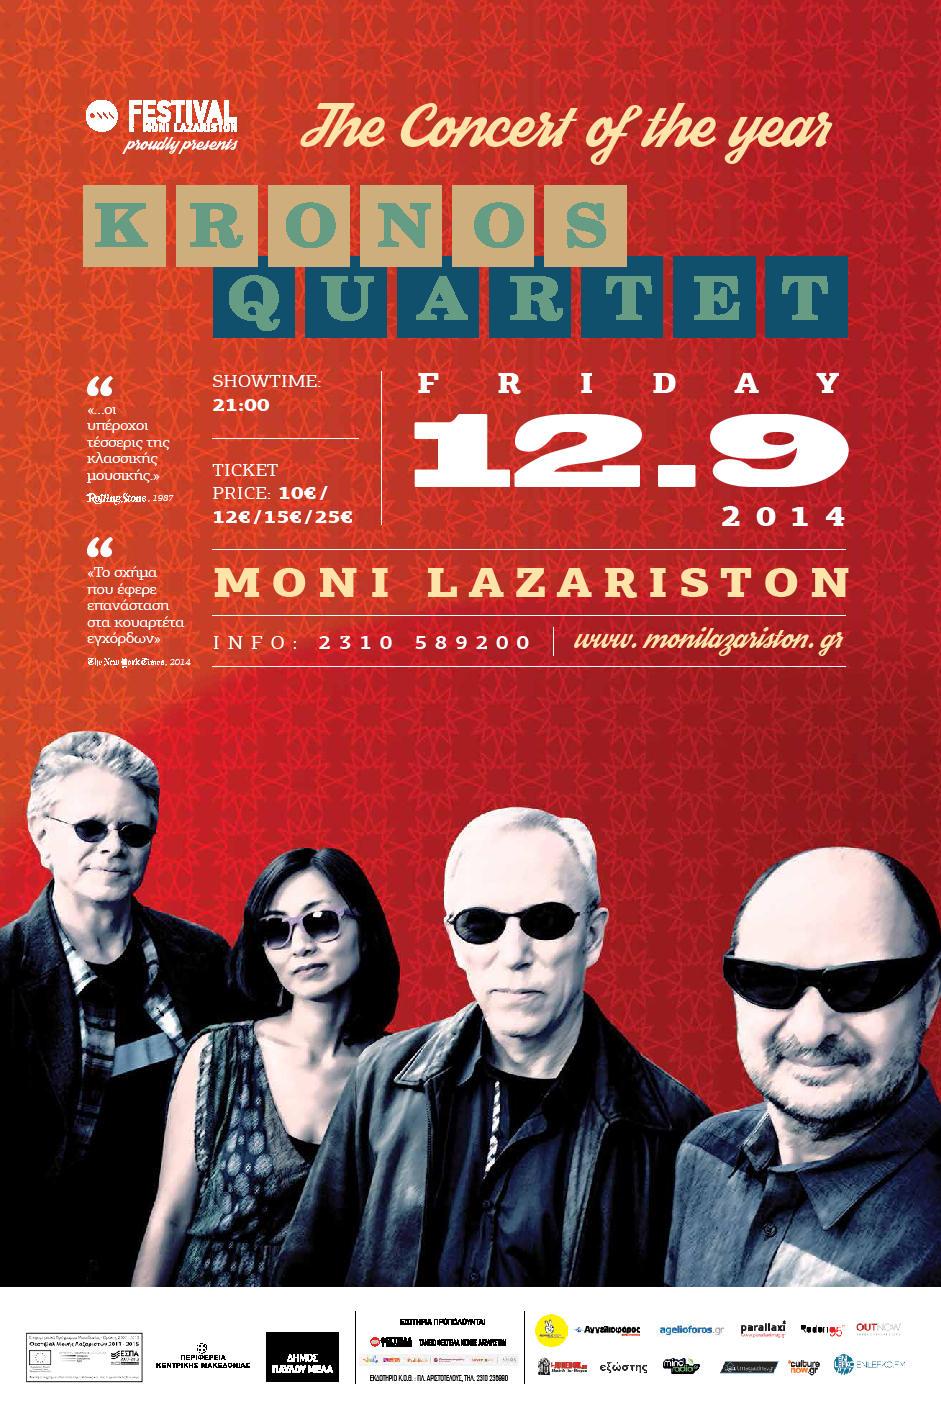 Kronos Quartet Live